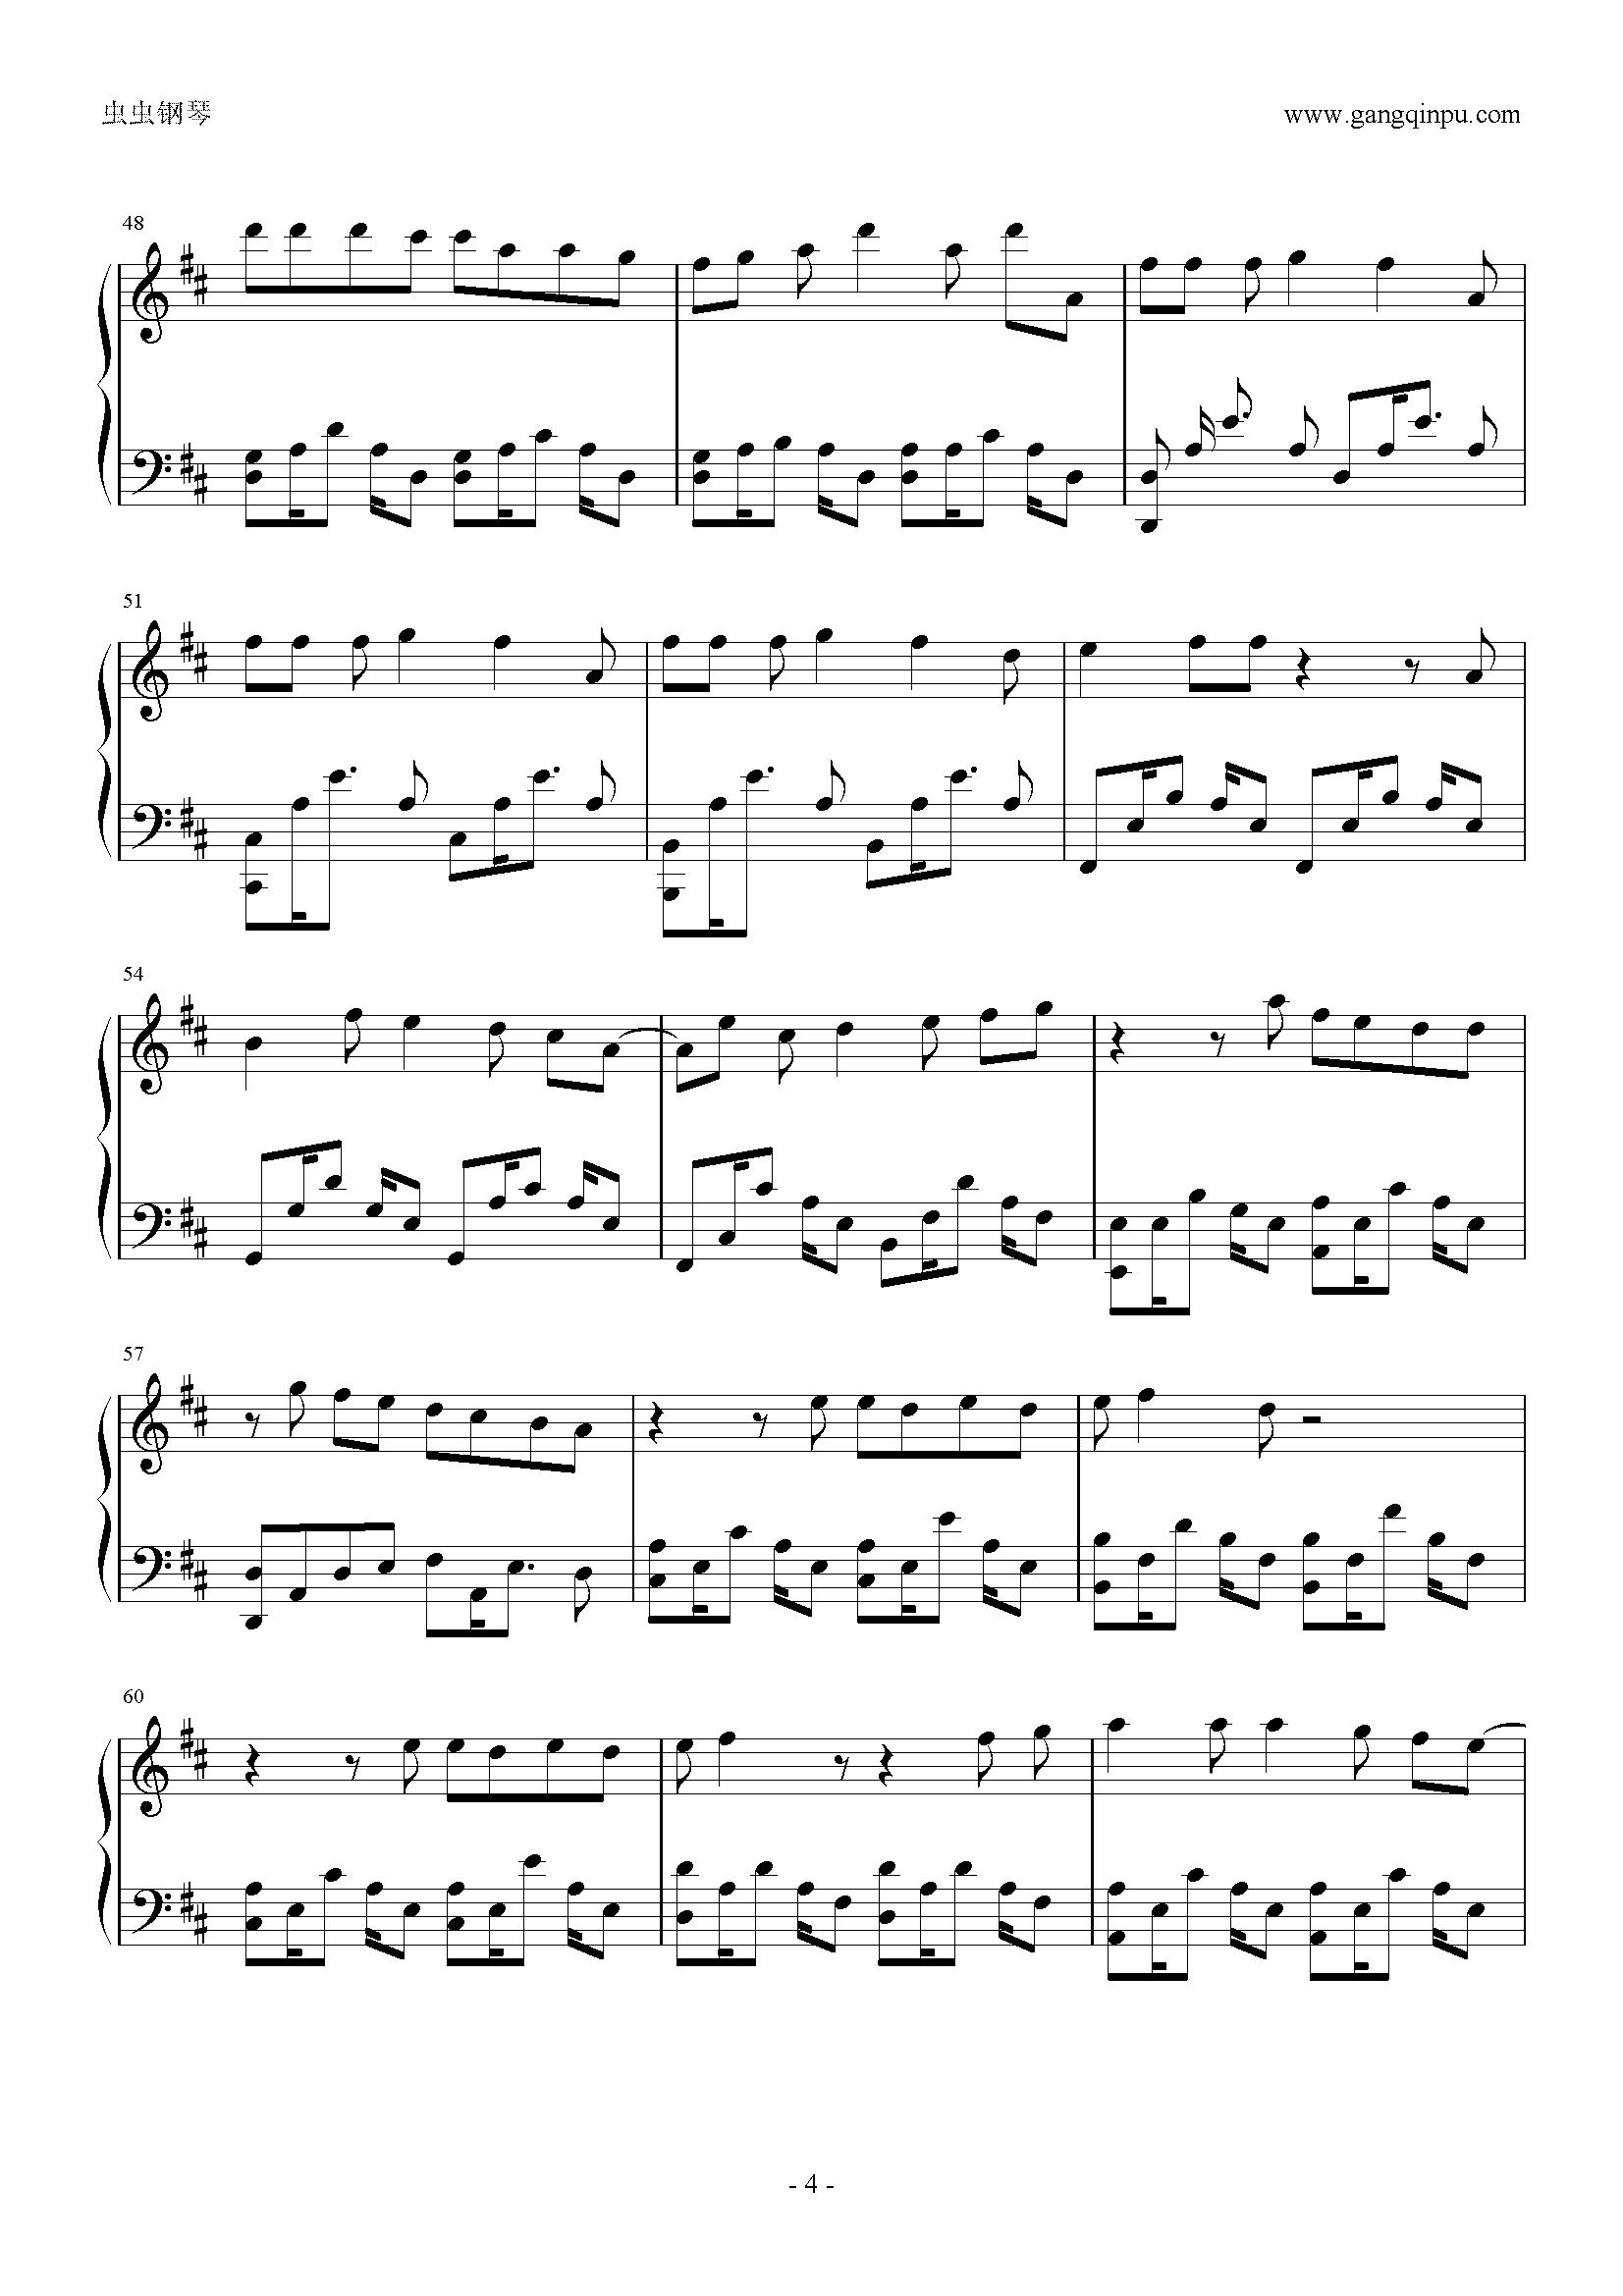 玻璃糖钢琴简谱